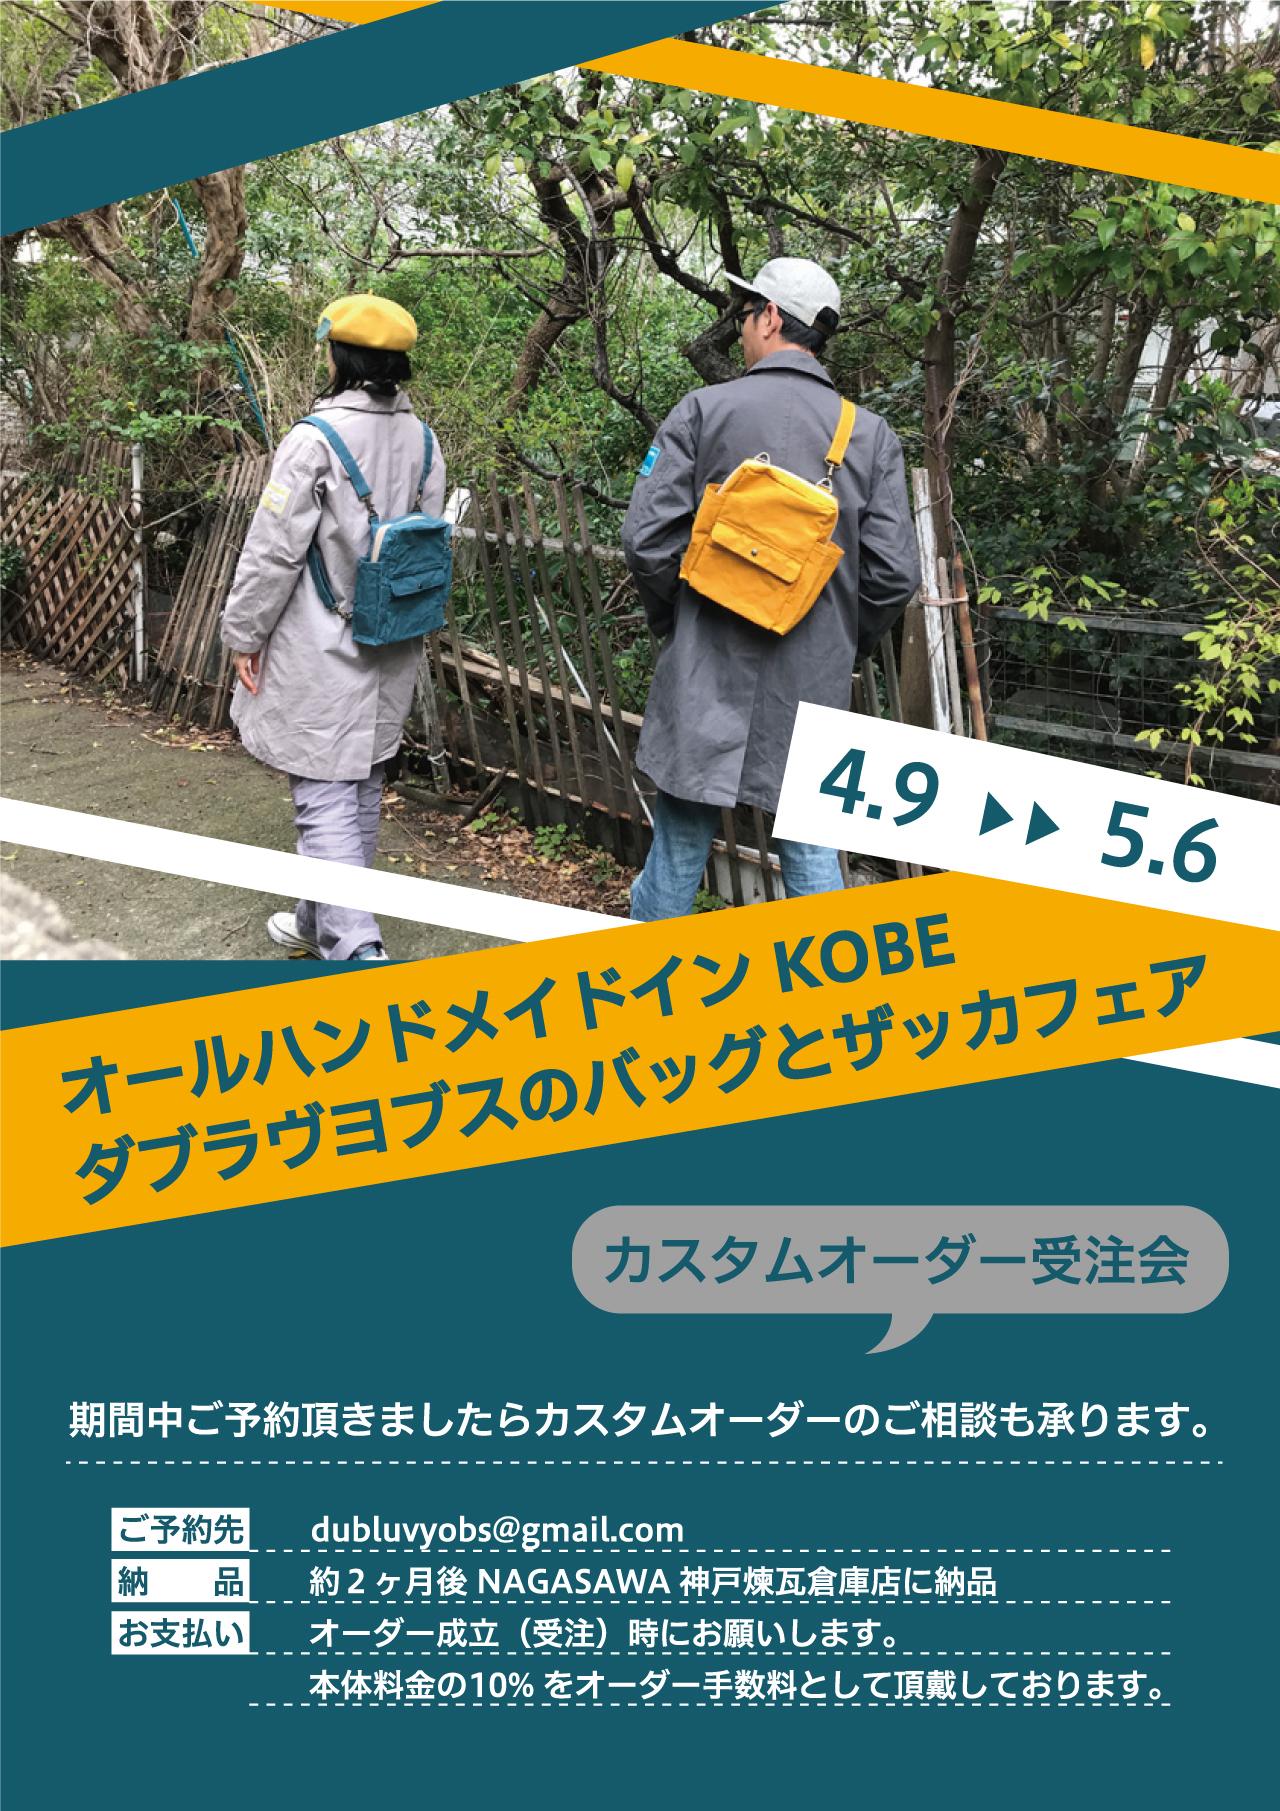 【神戸煉瓦倉庫店】dubluvyobs(ダブラヴヨブス)ハンドメイド in Kobe バッグと雑貨フェア開催!